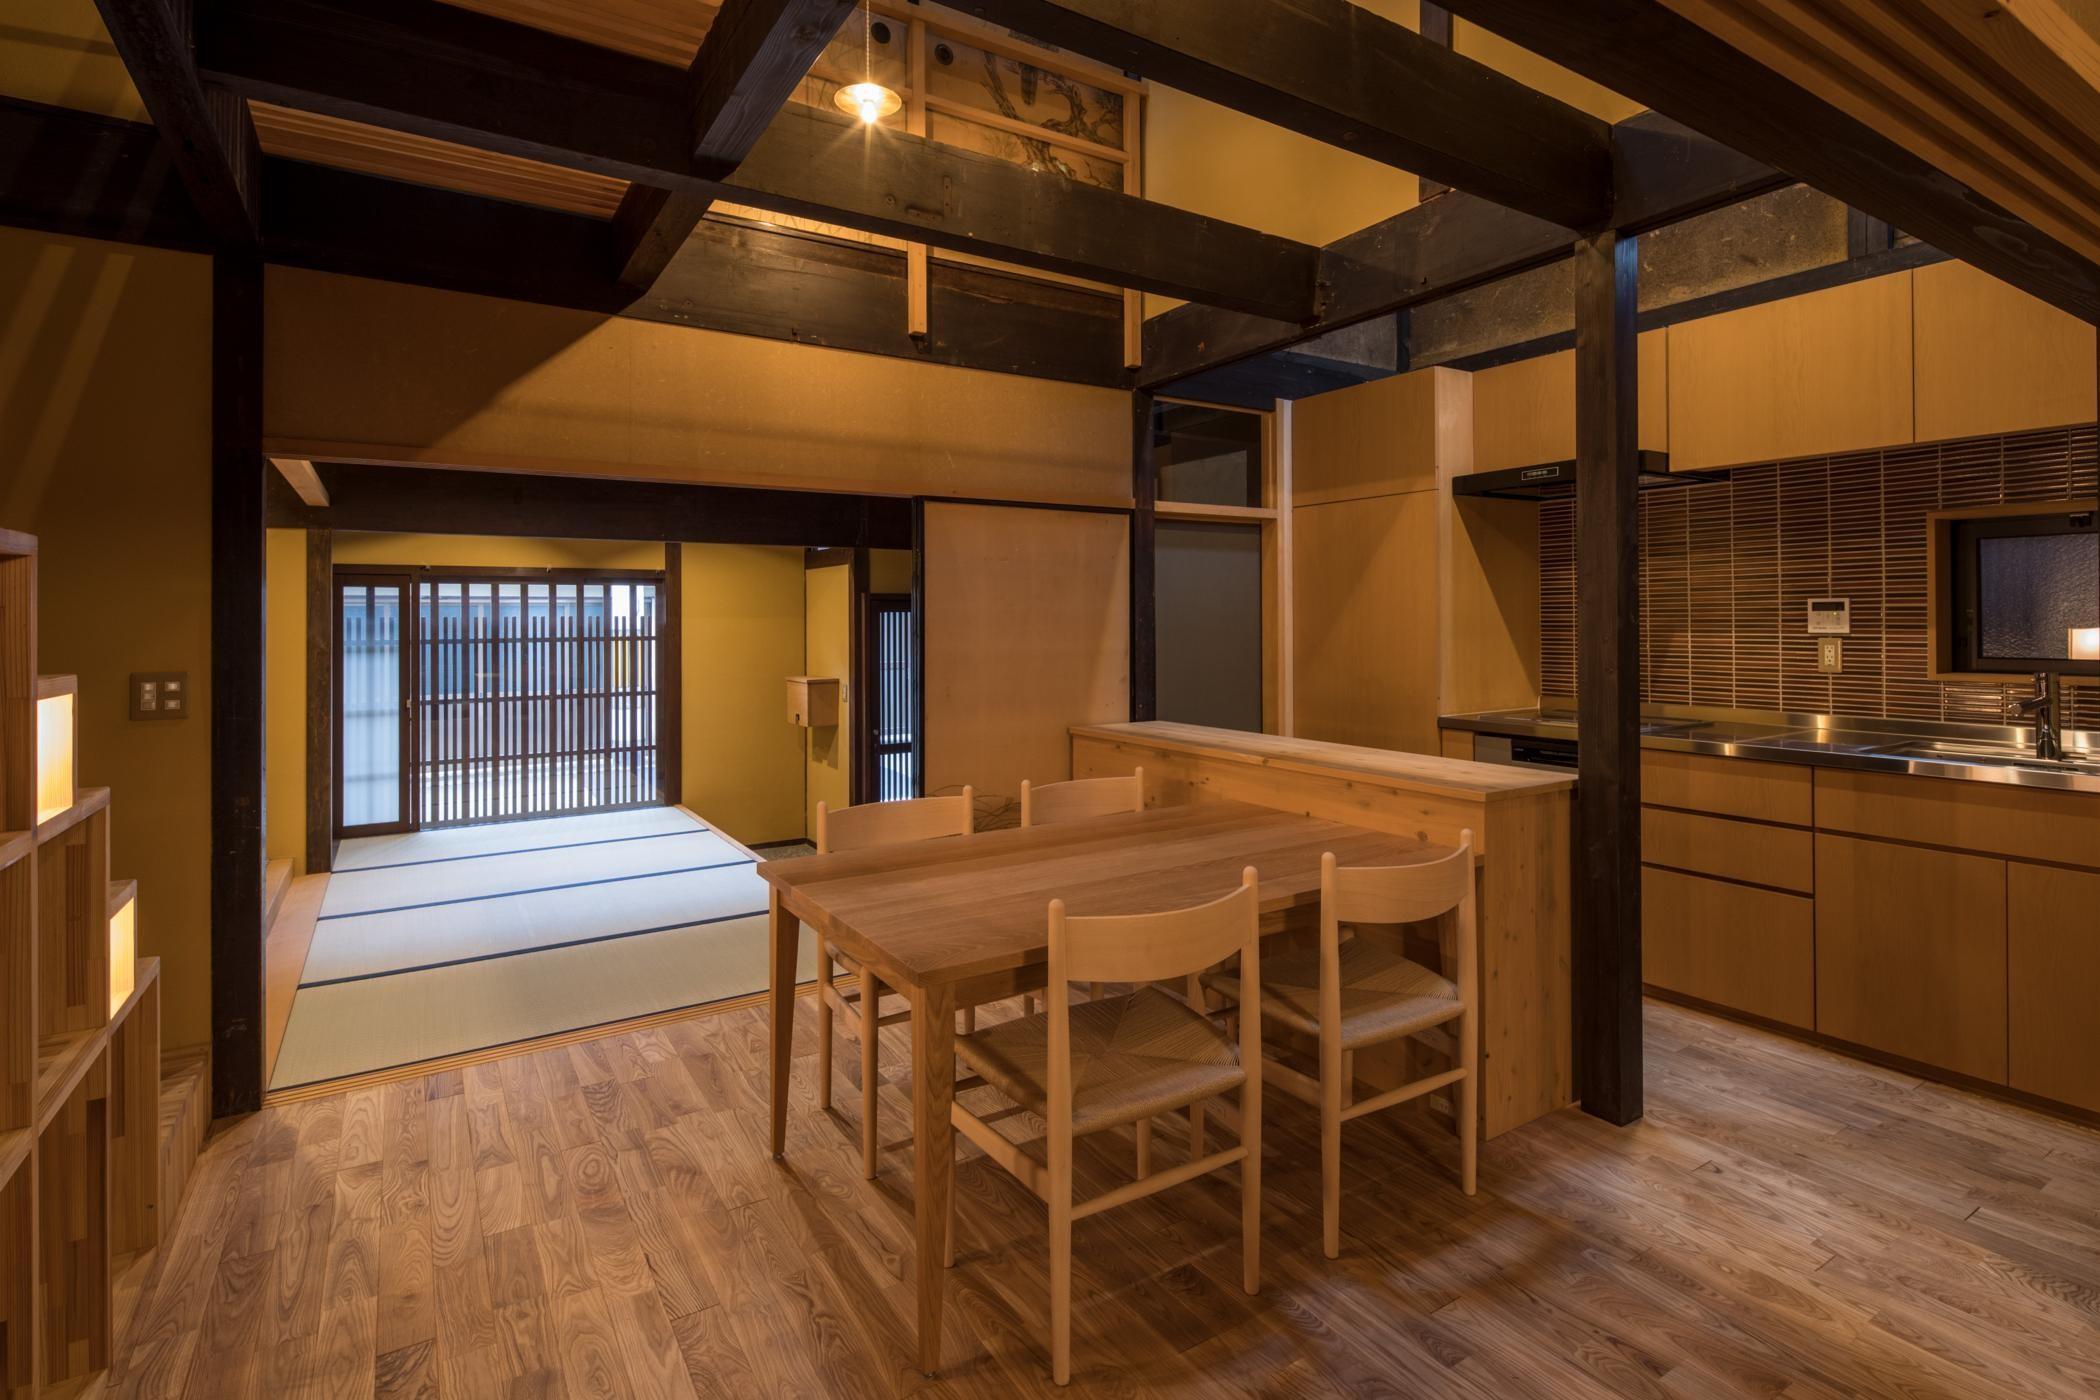 リビングダイニング事例:食堂・台所/新旧の部材が混ざり合うインテリア(学林町の町家/耐震・断熱改修も行った京町家のリノベーション)